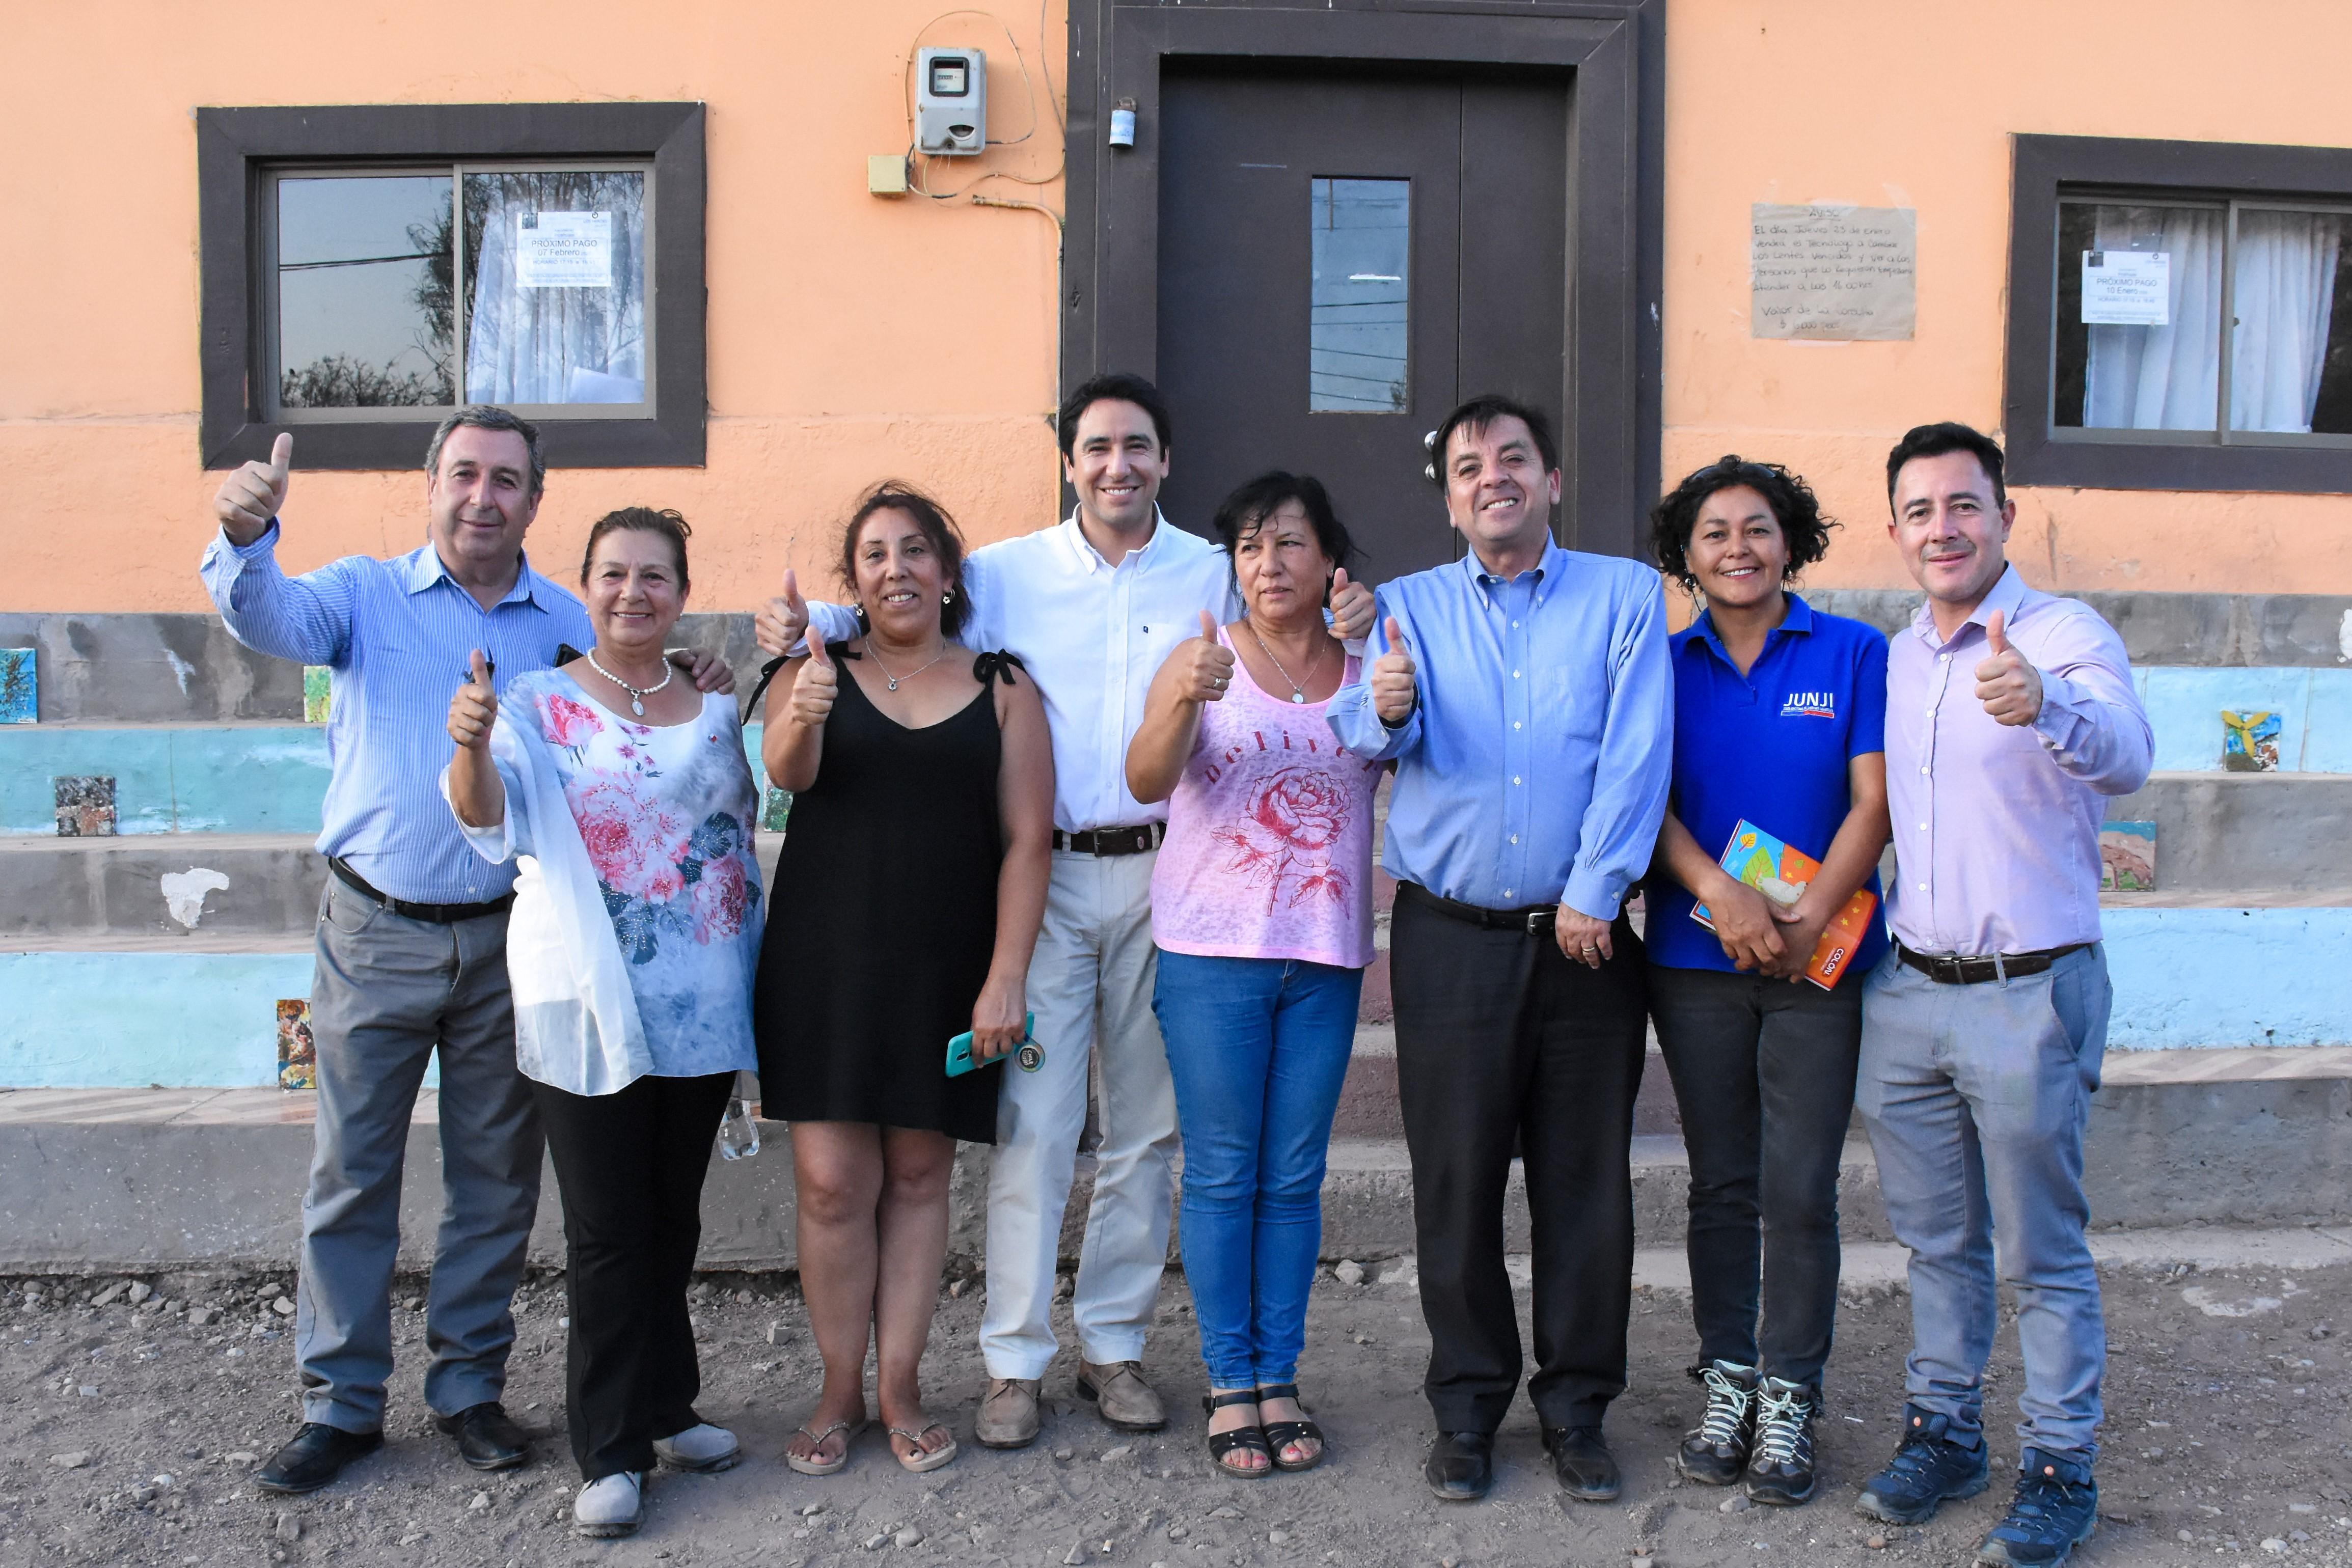 Histórica construcción de APR en Incahuasi lleva 35% de avance